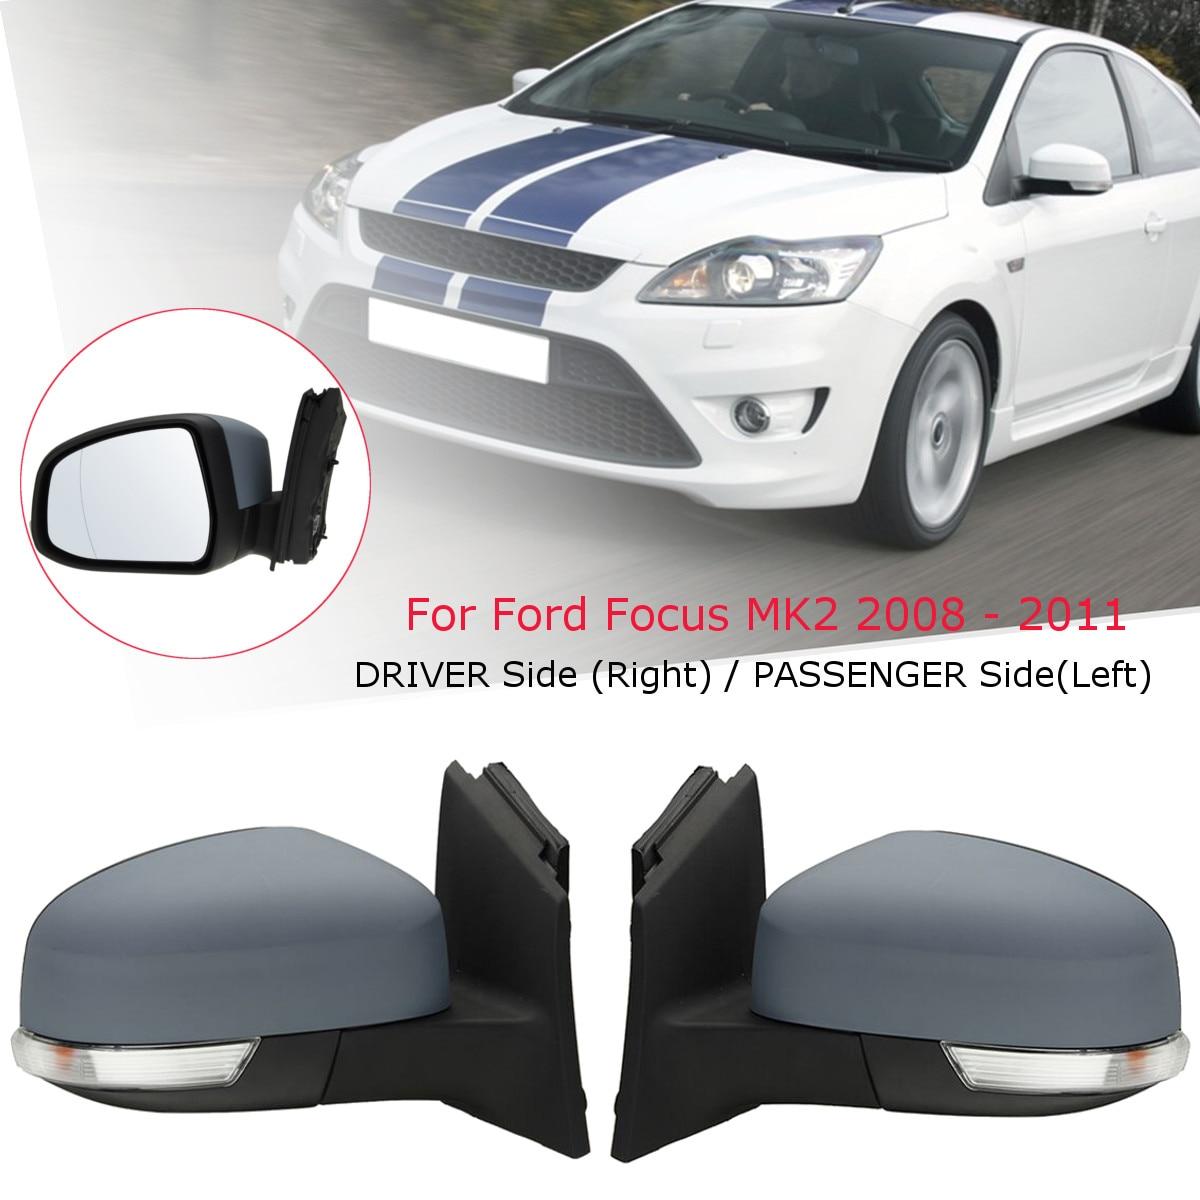 Car Door Electric Wing Mirror Driver /Passenger Side For Ford/Focus MK2 2008 2009 2010 2011Car Door Electric Wing Mirror Driver /Passenger Side For Ford/Focus MK2 2008 2009 2010 2011